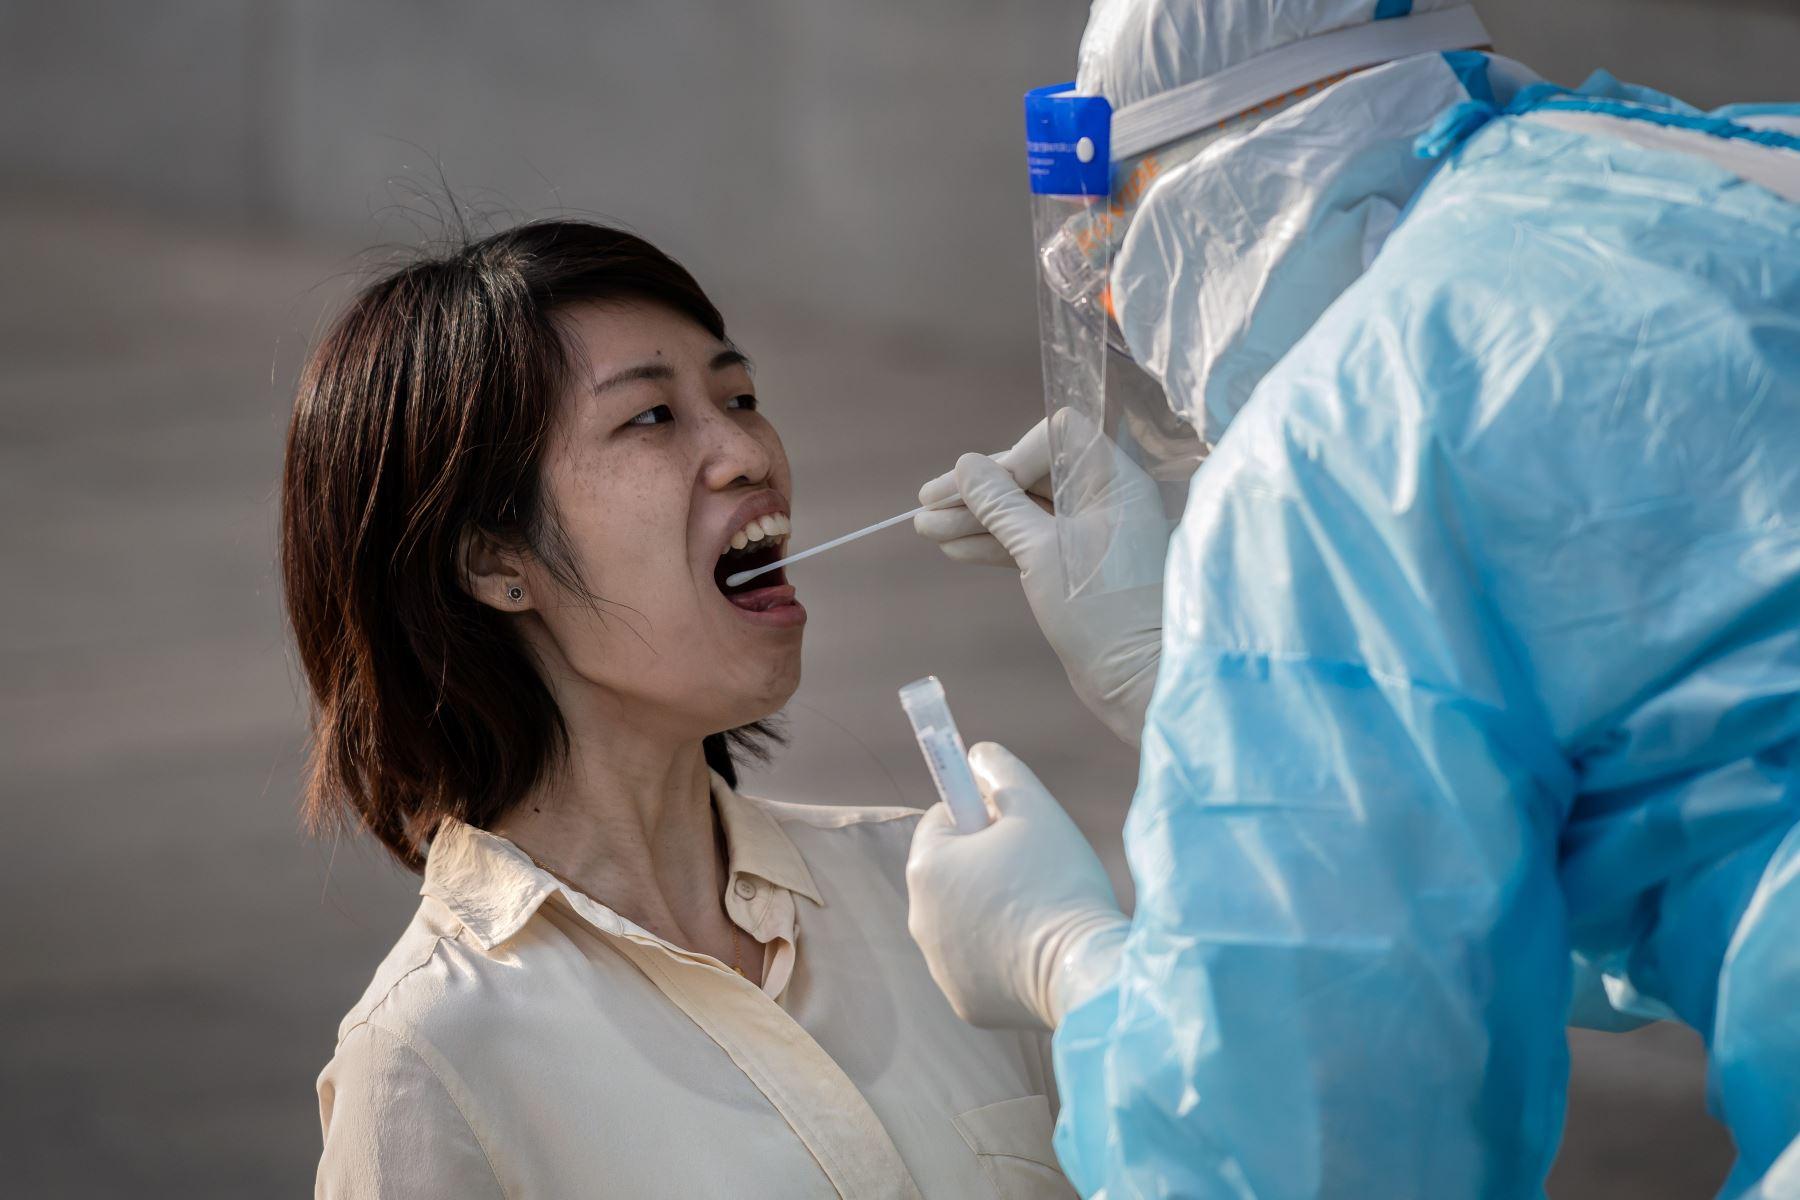 Un trabajador médico que usa equipo de protección completo toma una muestra de hisopo de una periodista para analizar el coronavirus COVID-19 en China. Foto: AFP